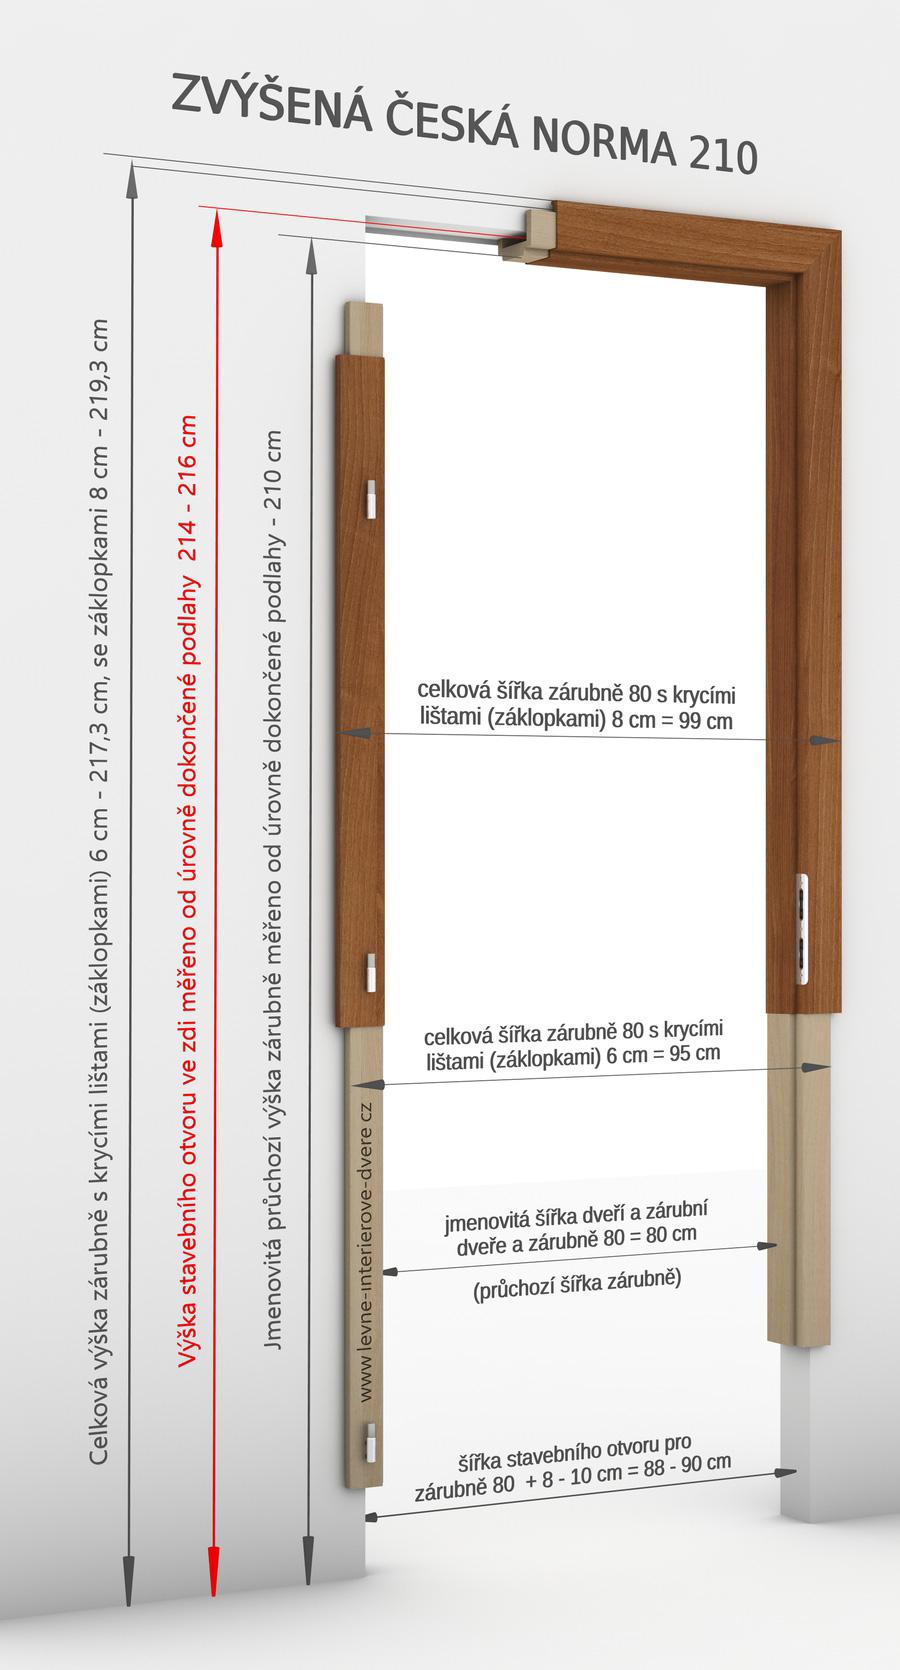 Rozměry pro standardní obložkovou zárubeň Porta SYSTEM Zvýšená ČSN 210